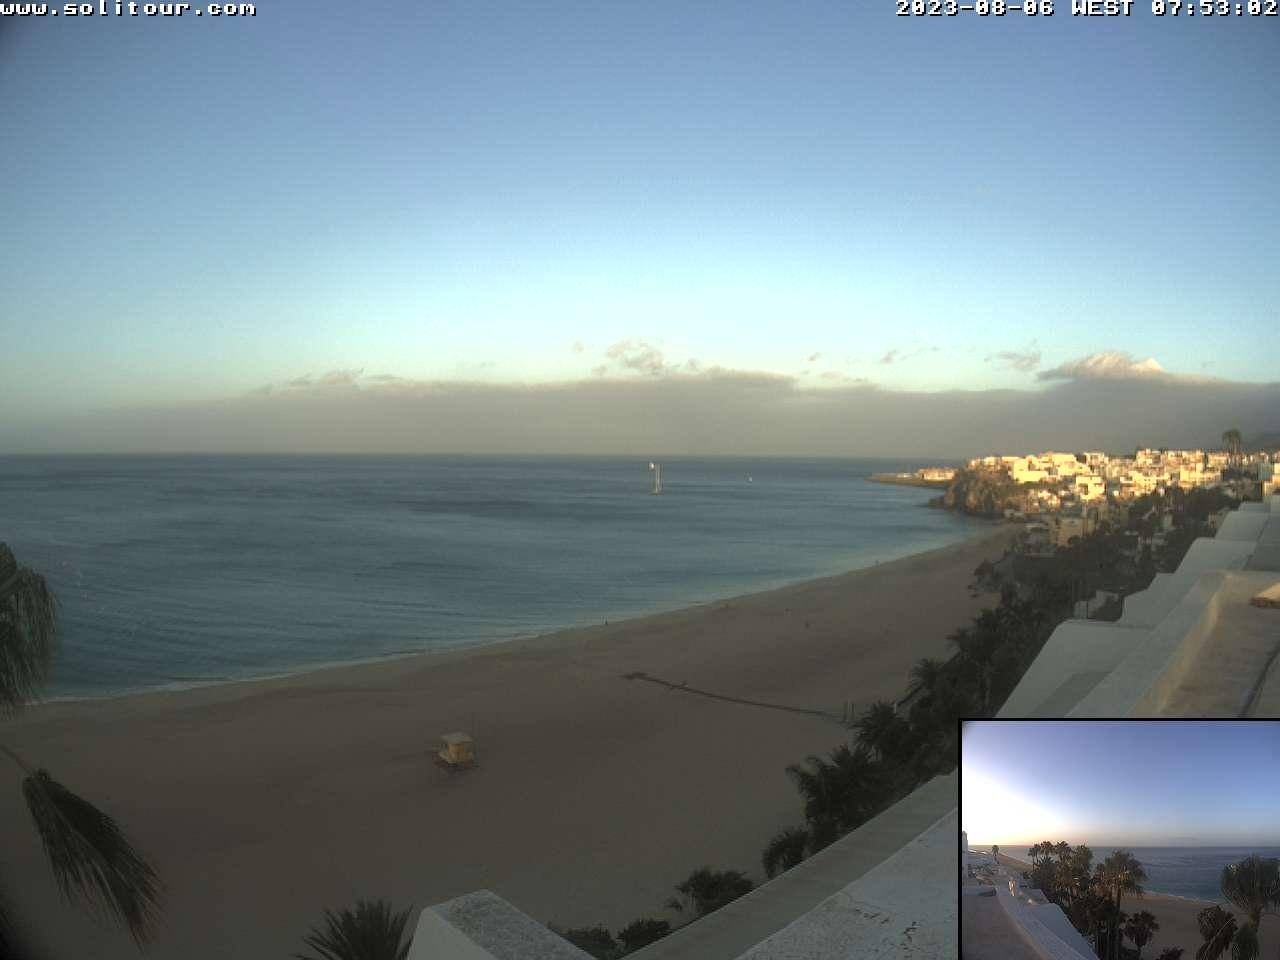 Jandia (Fuerteventura) Mo. 07:53